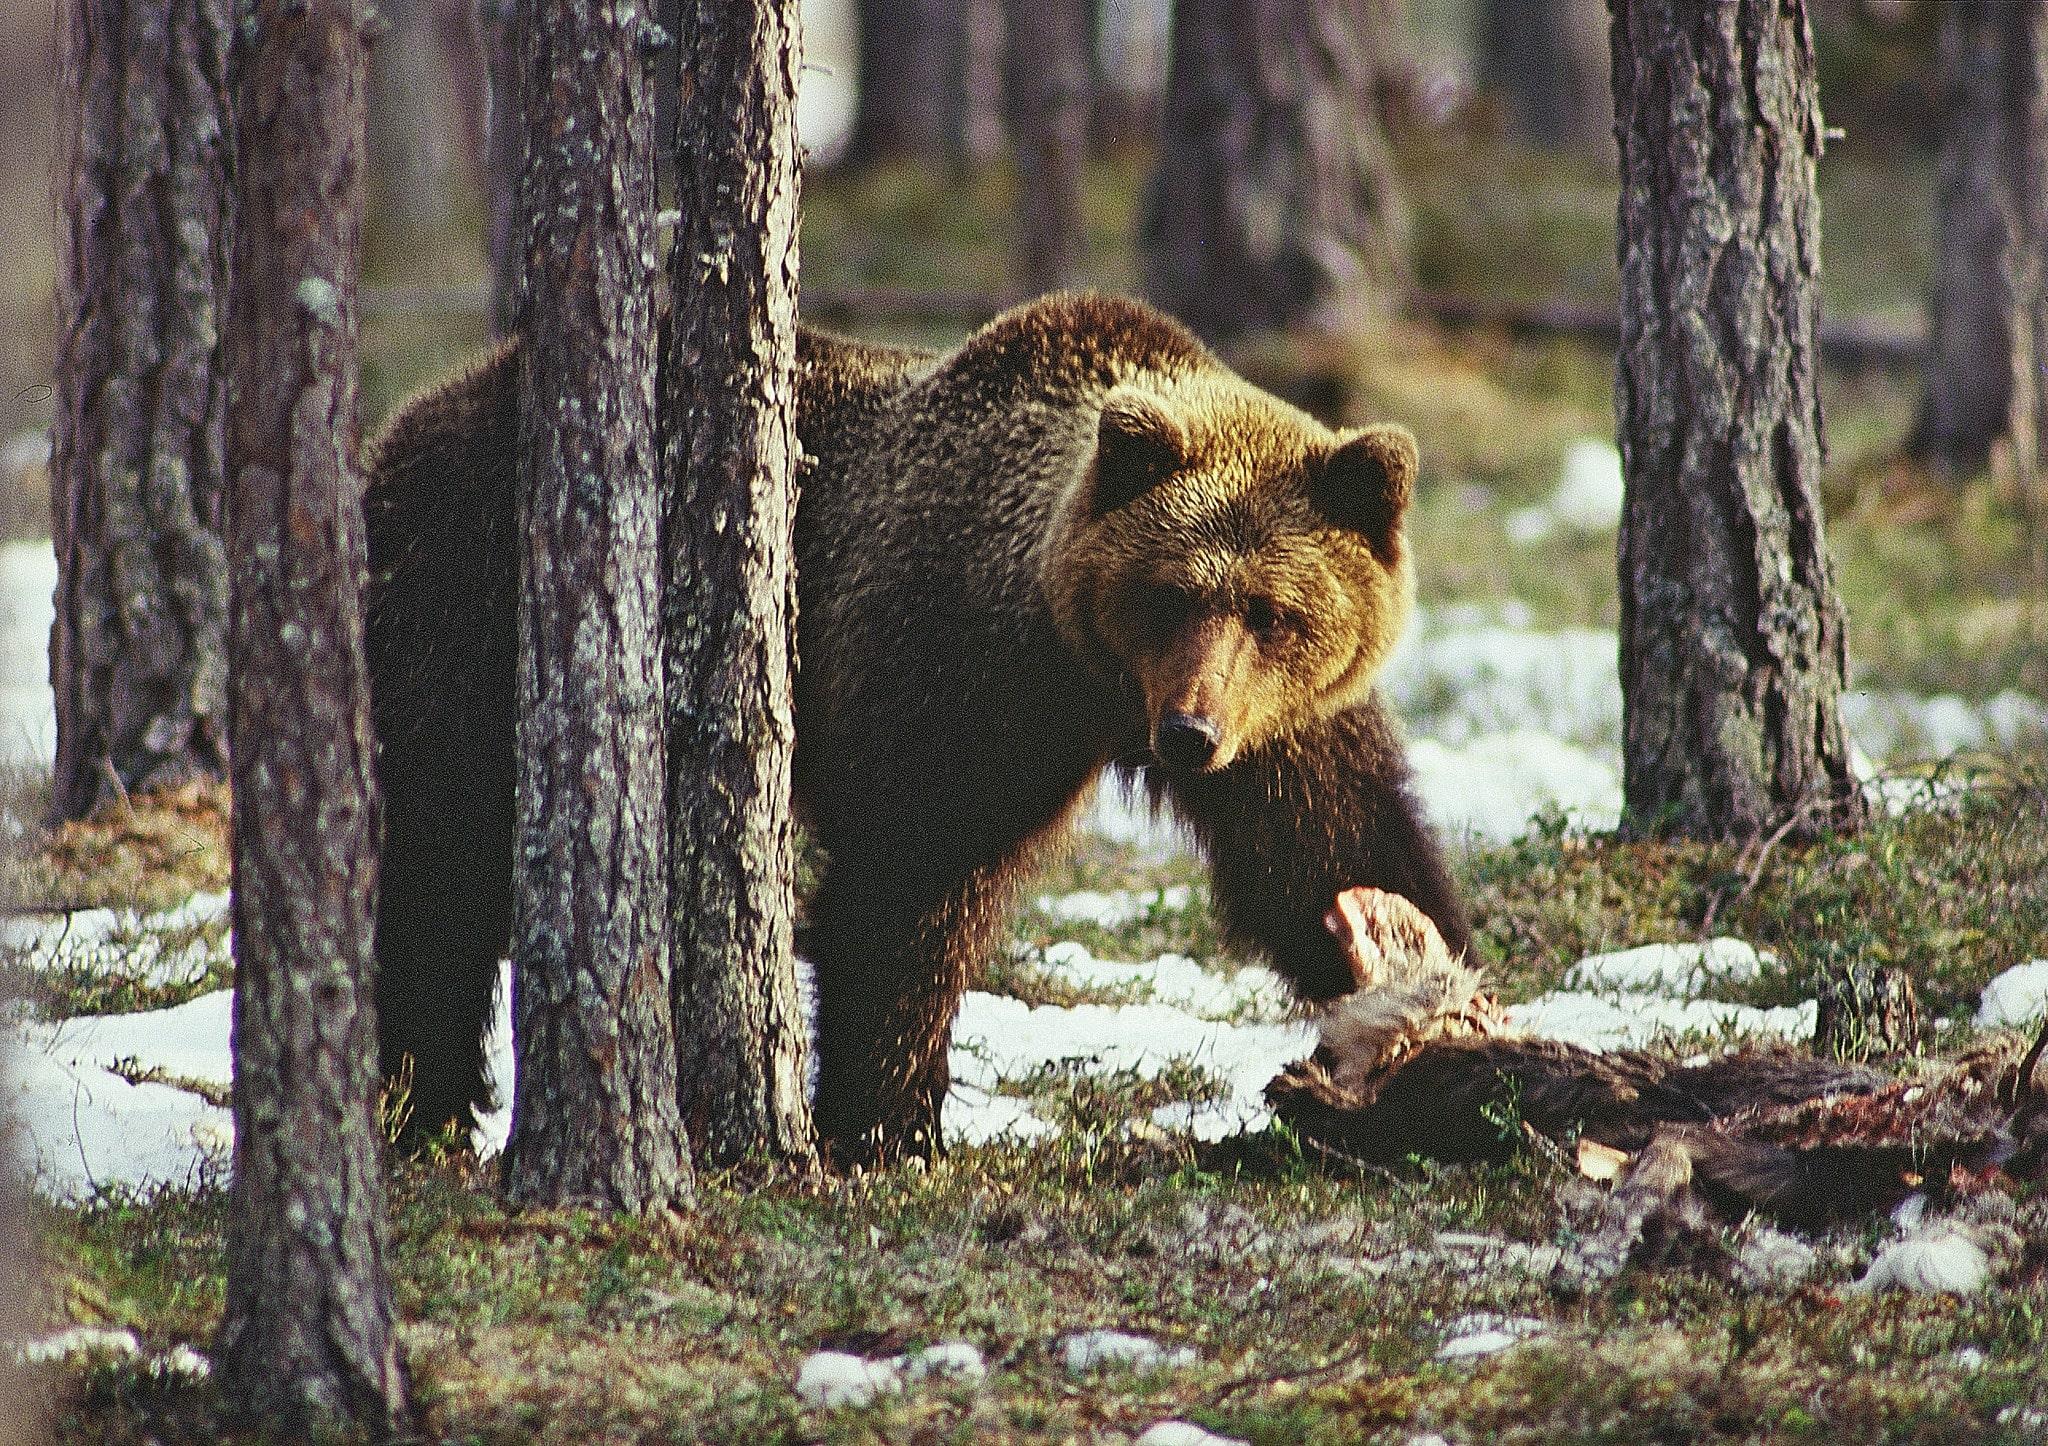 Björnjakten i Finland avslutades i oktober då 122 björnar fällts. Foto: Kenneth Johansson